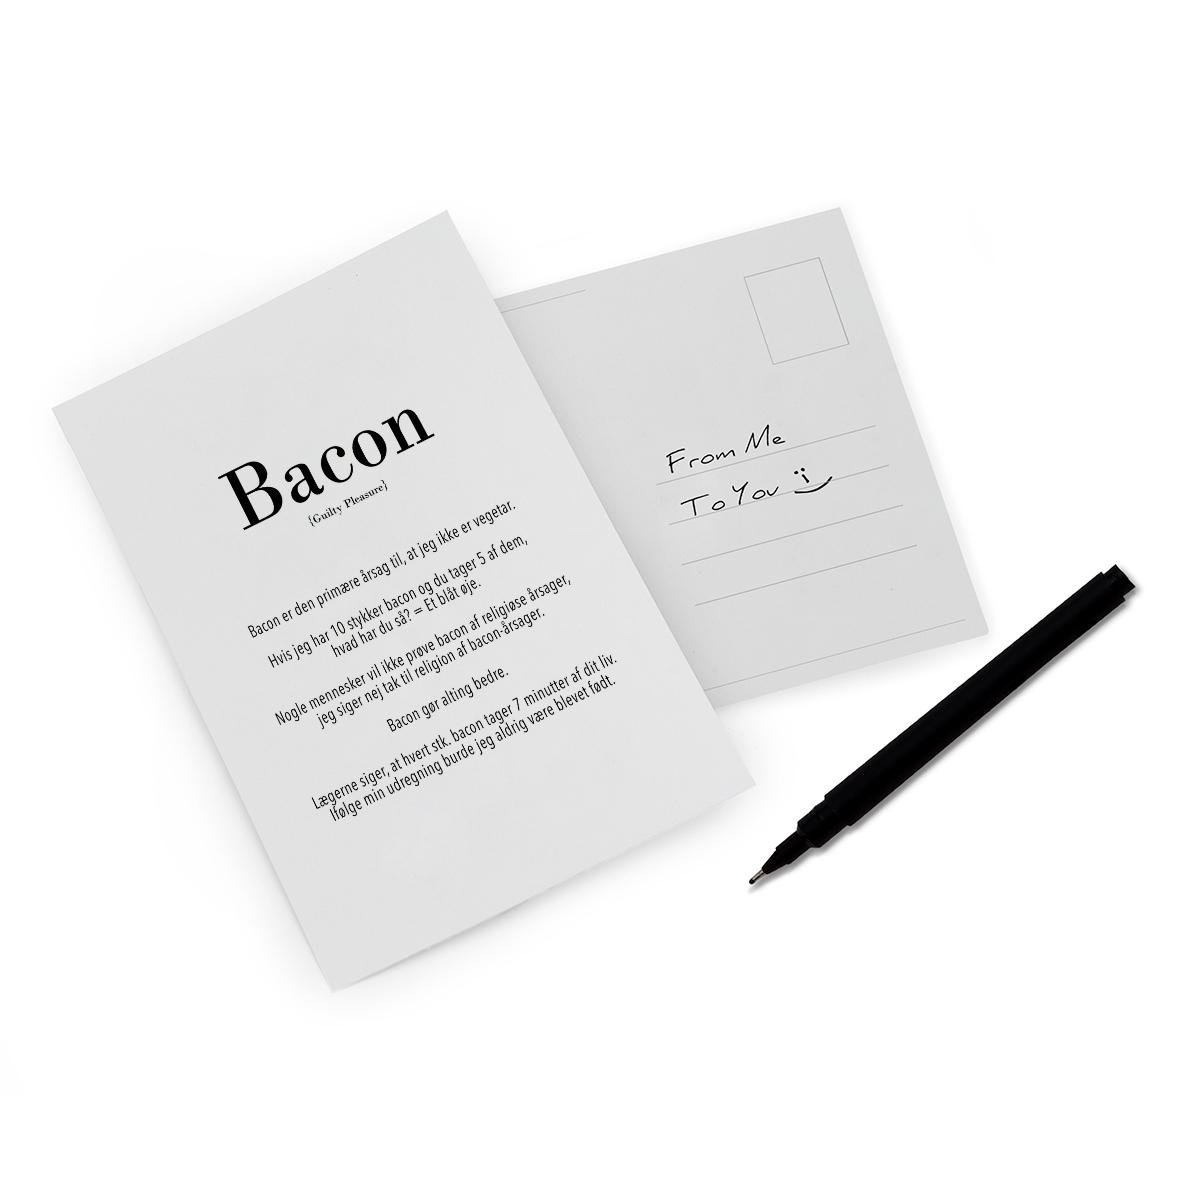 bacon_billede_sort_hvid_citater